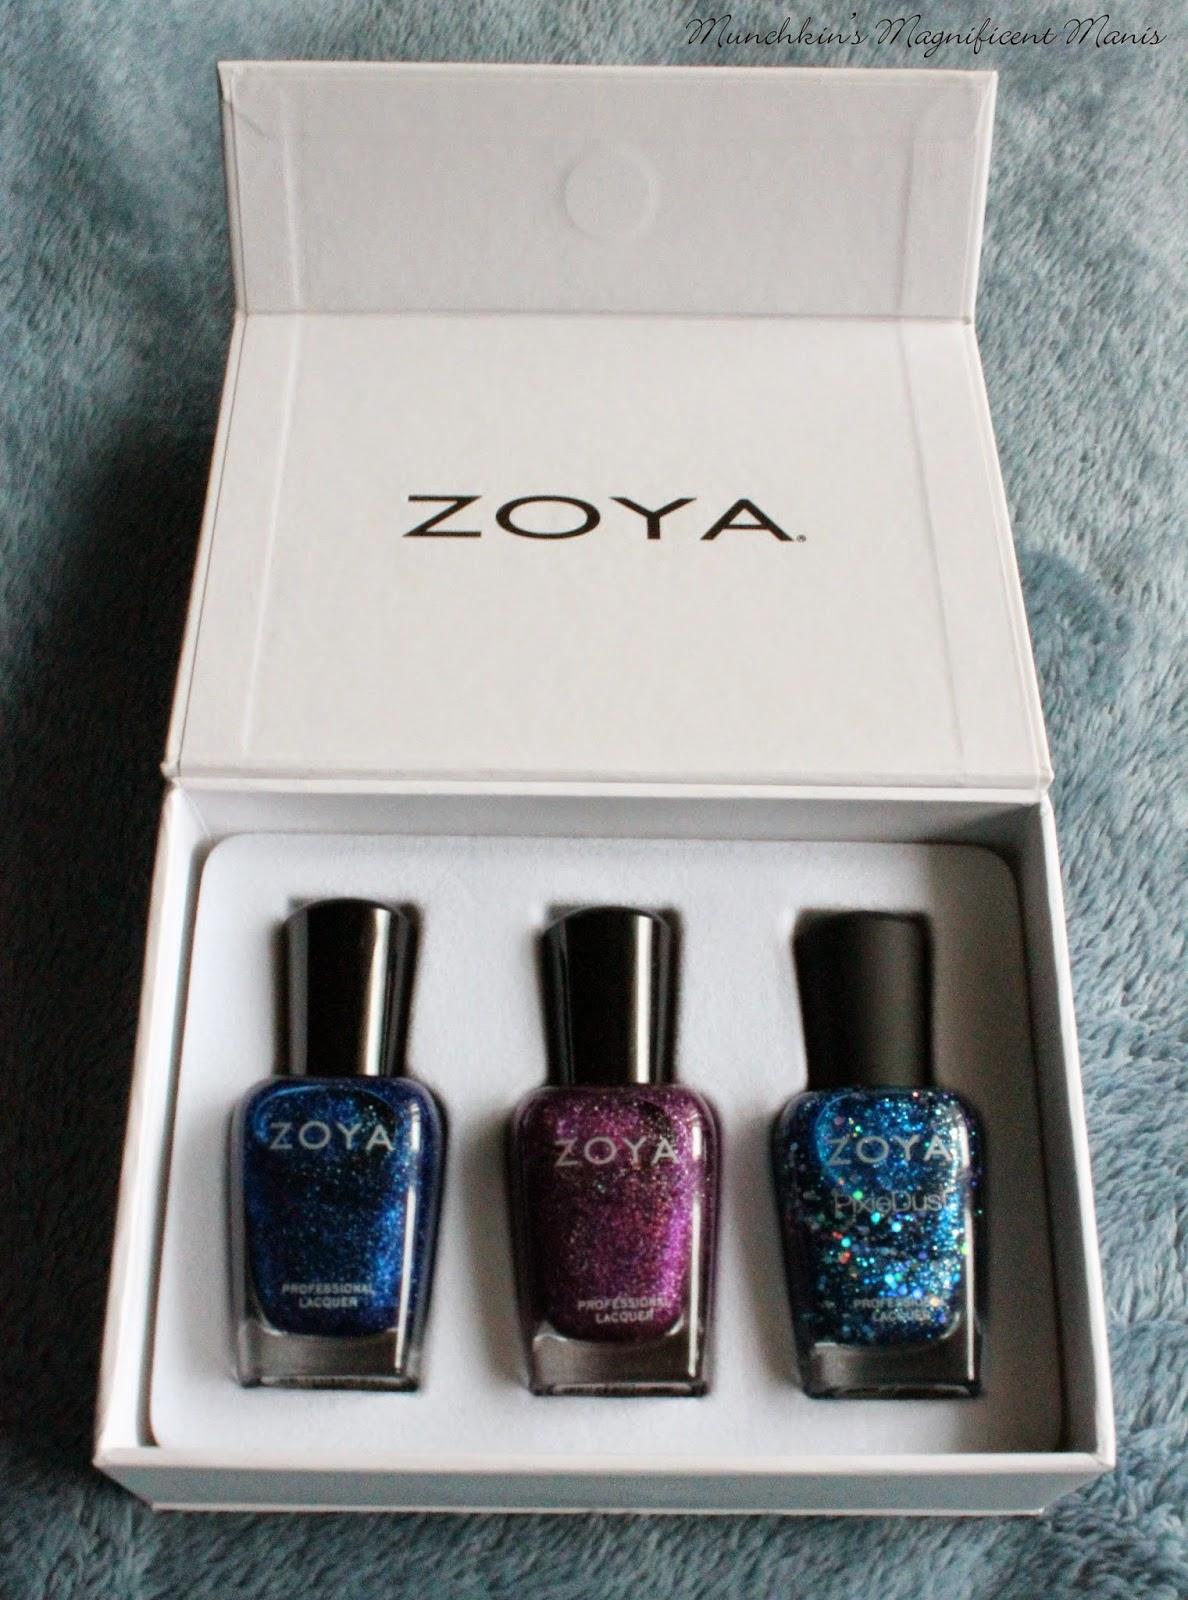 Zoya Dream box